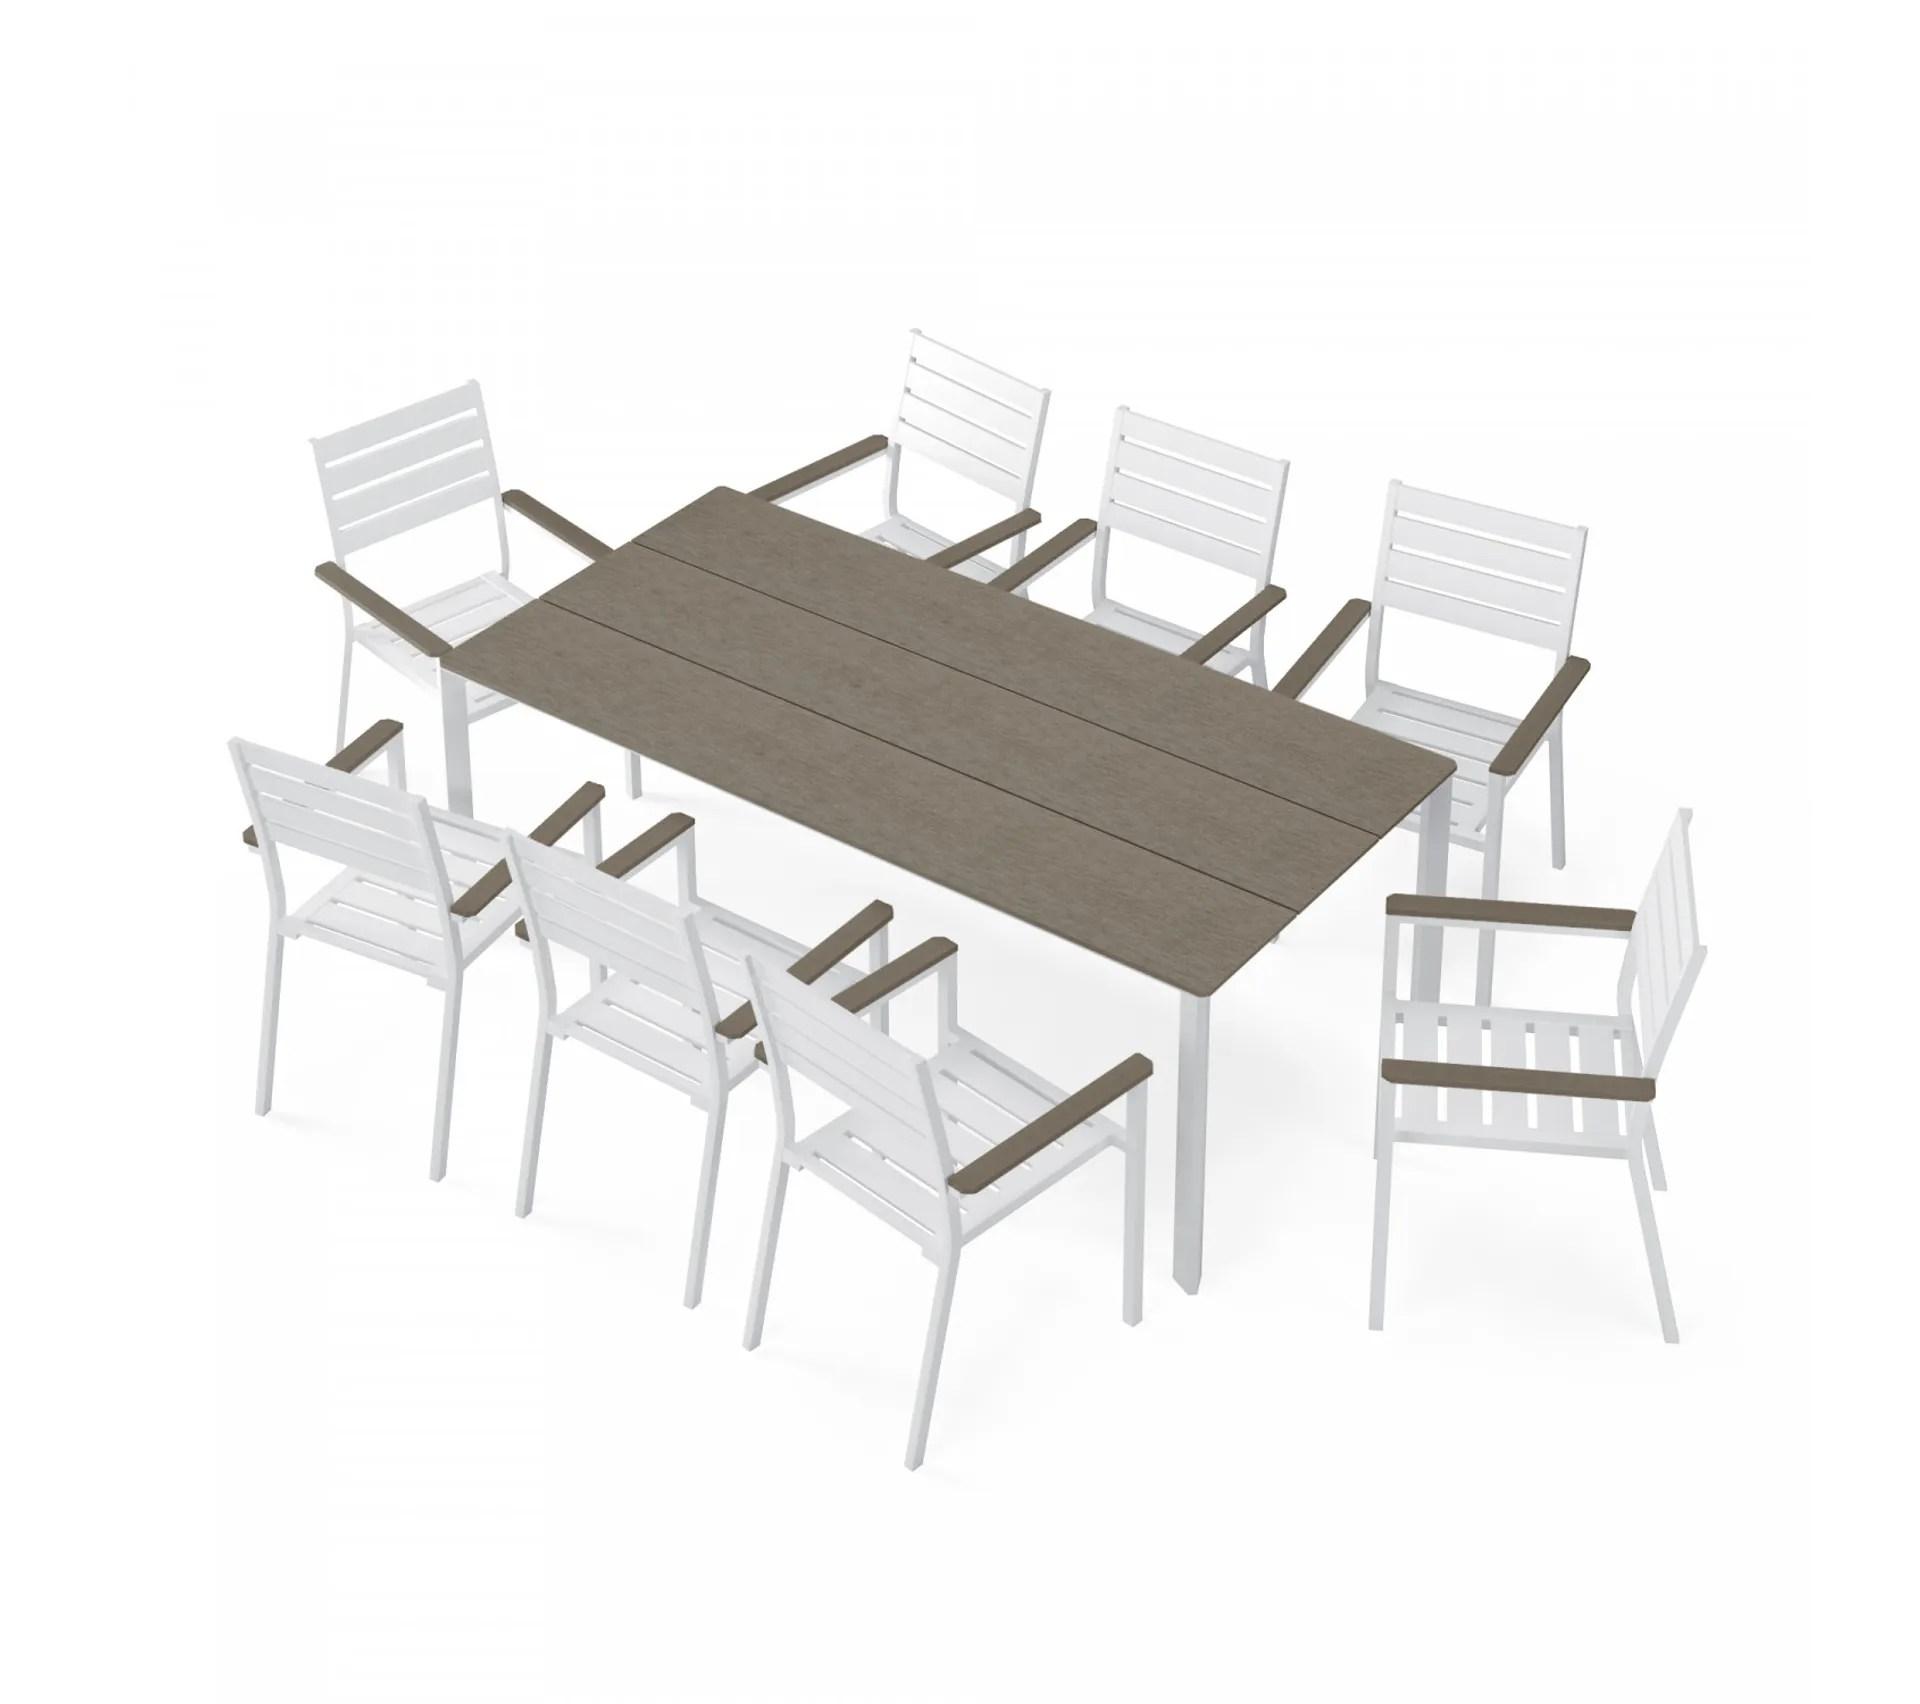 table de jardin aluminium blanc bois composite gris 8 fauteuils empilables lena